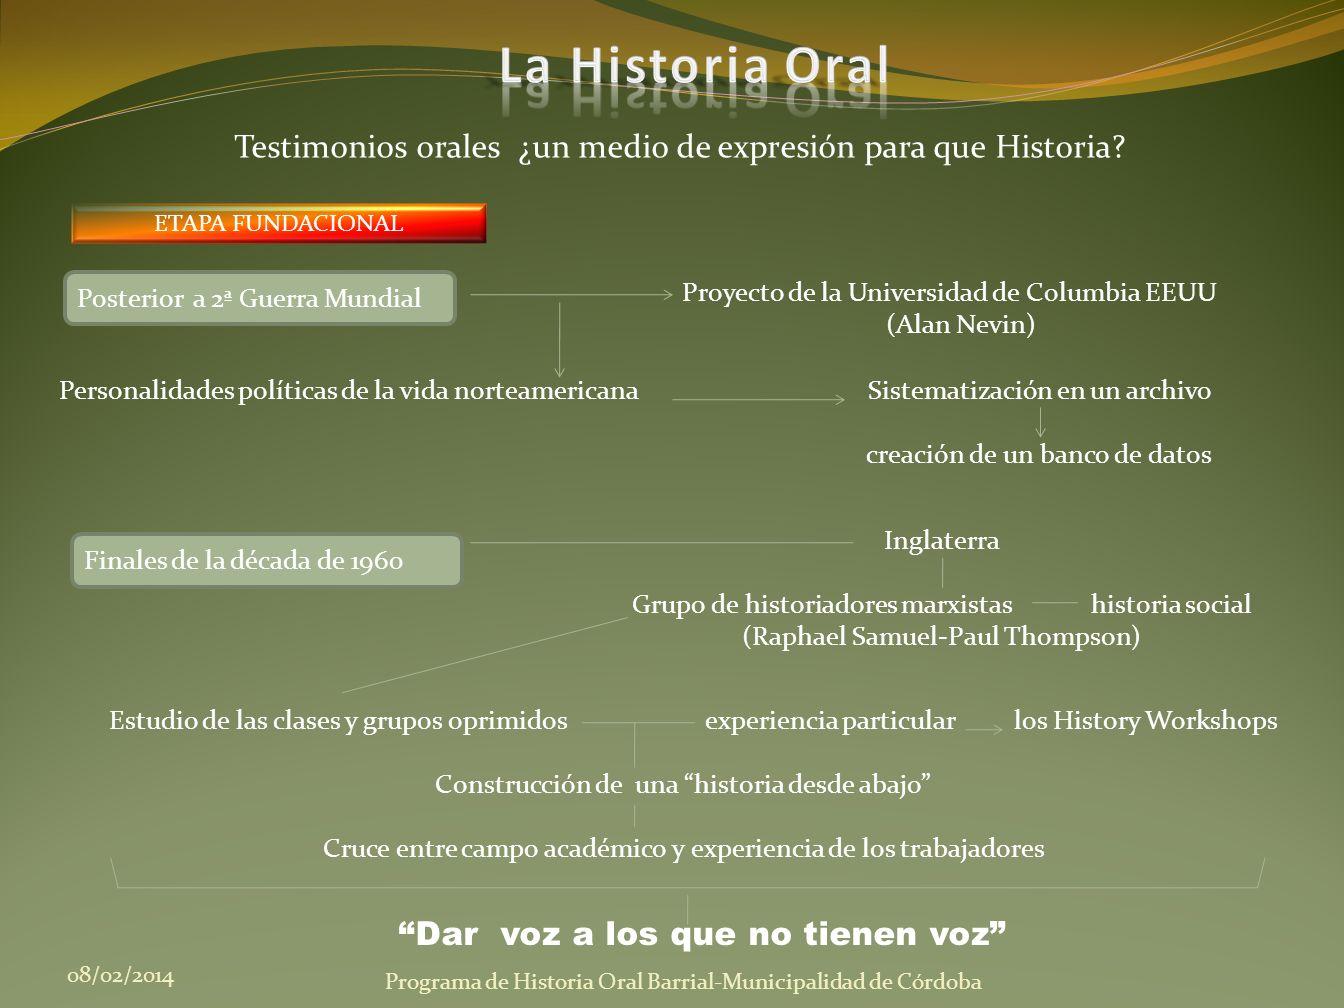 ETAPA FUNDACIONAL 08/02/2014 Programa de Historia Oral Barrial-Municipalidad de Córdoba Testimonios orales ¿un medio de expresión para que Historia? P